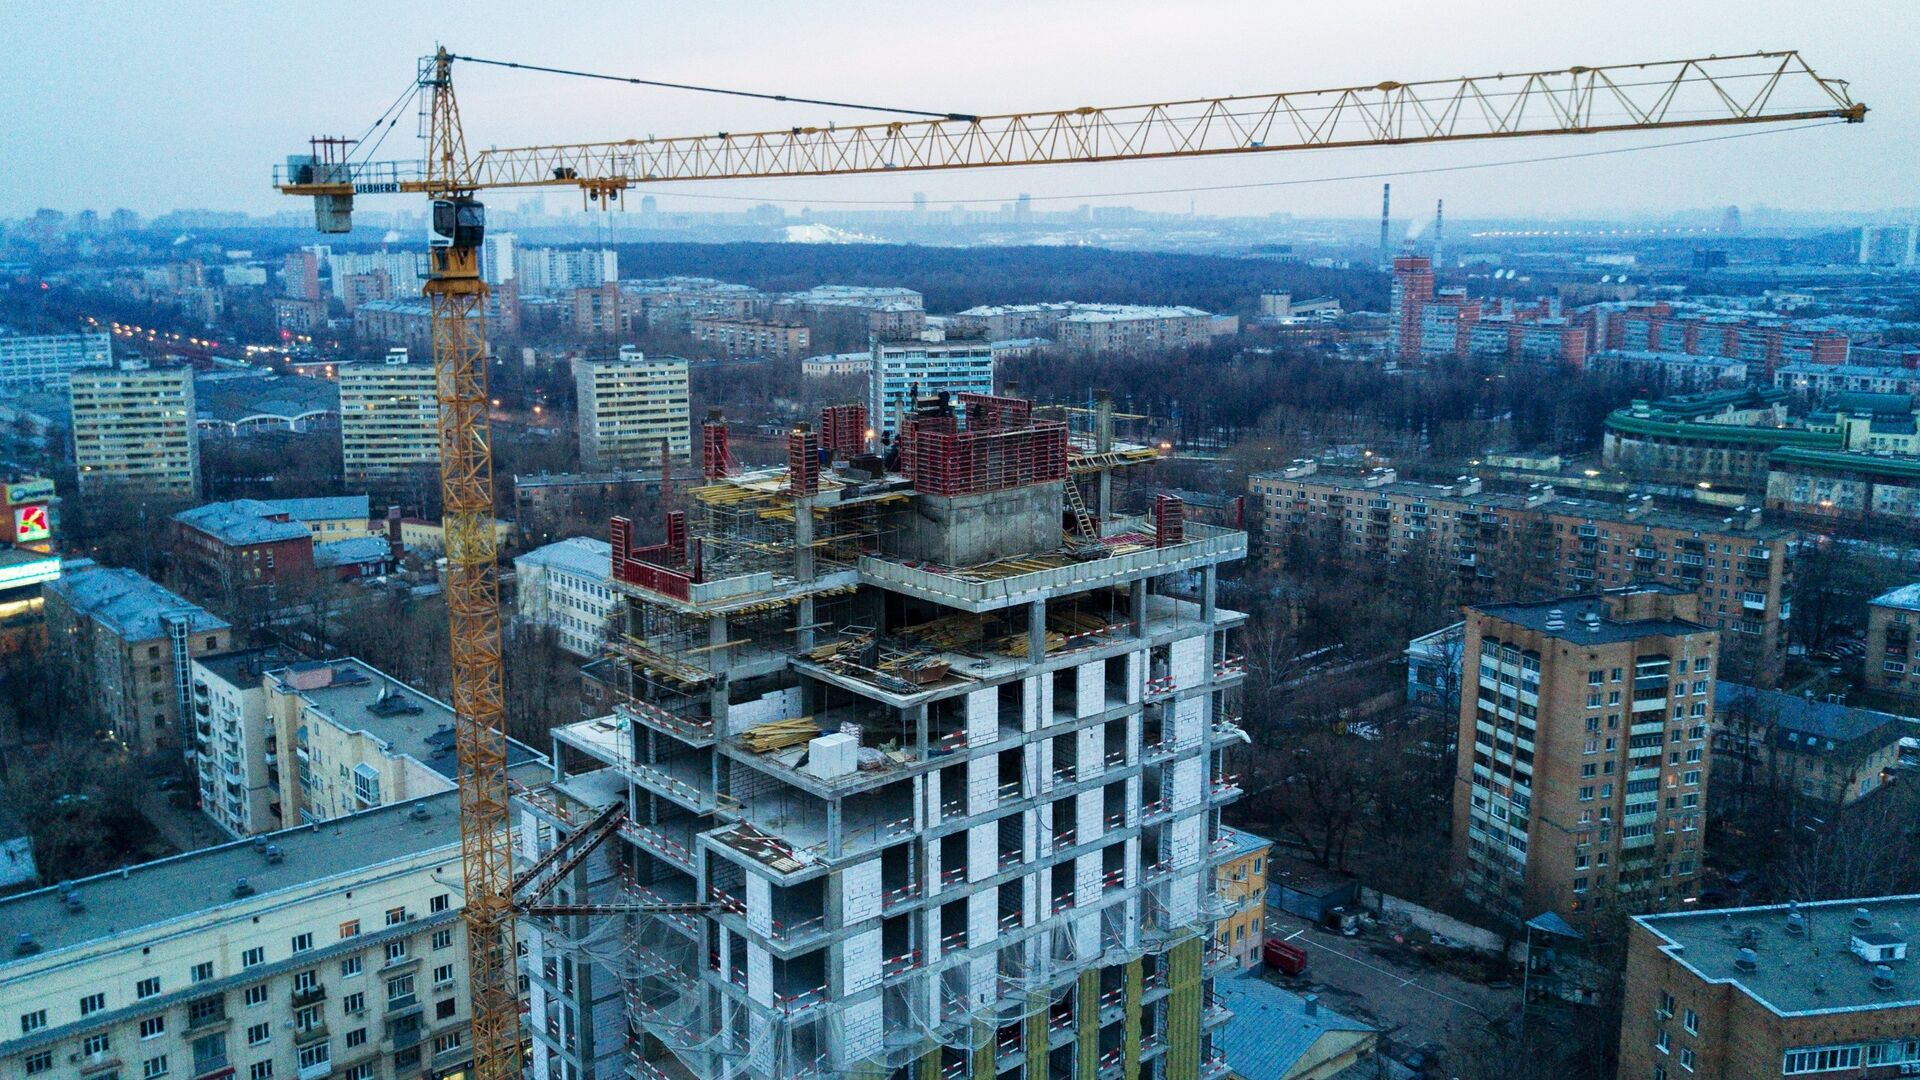 Строительство жилого дома - РИА Новости, 1920, 26.11.2020